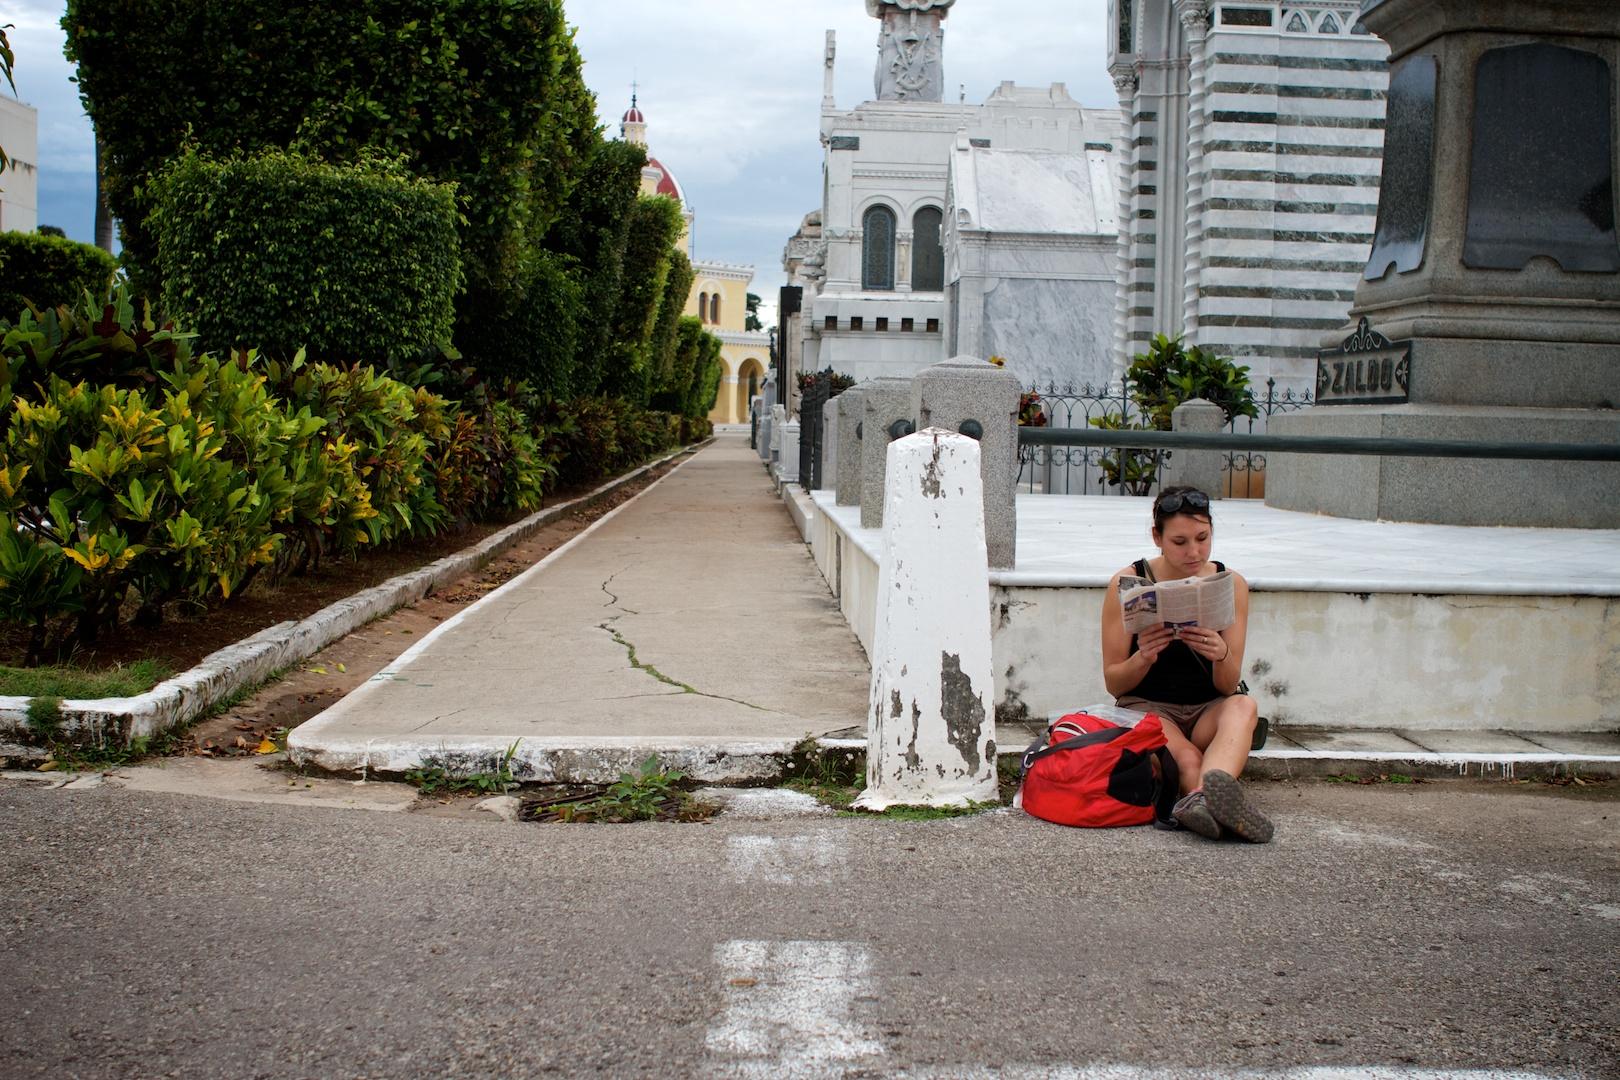 Cuba_20151130 191.jpg